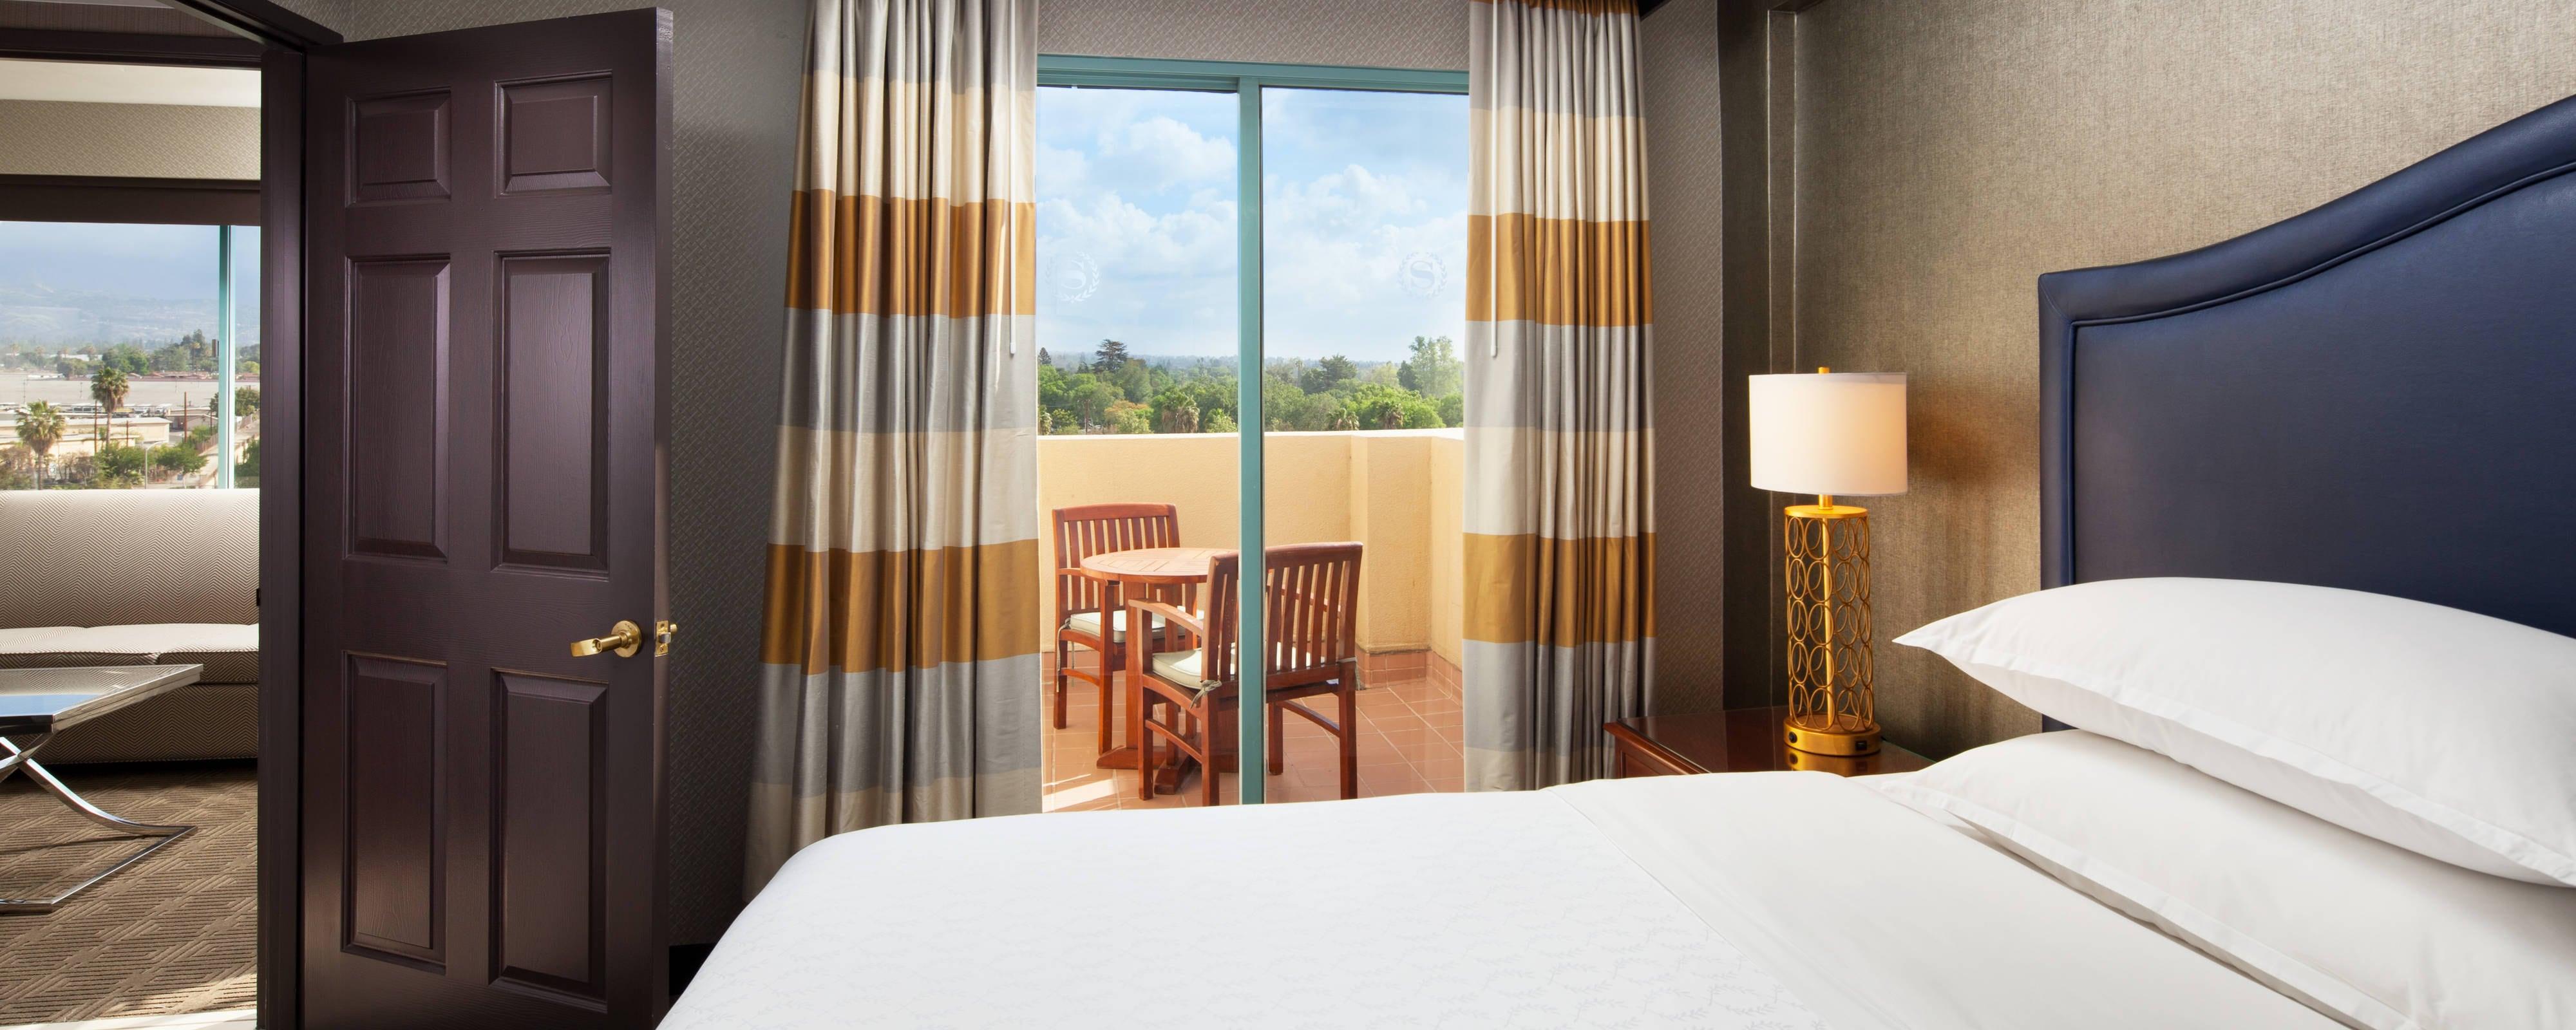 Hotel In Pomona